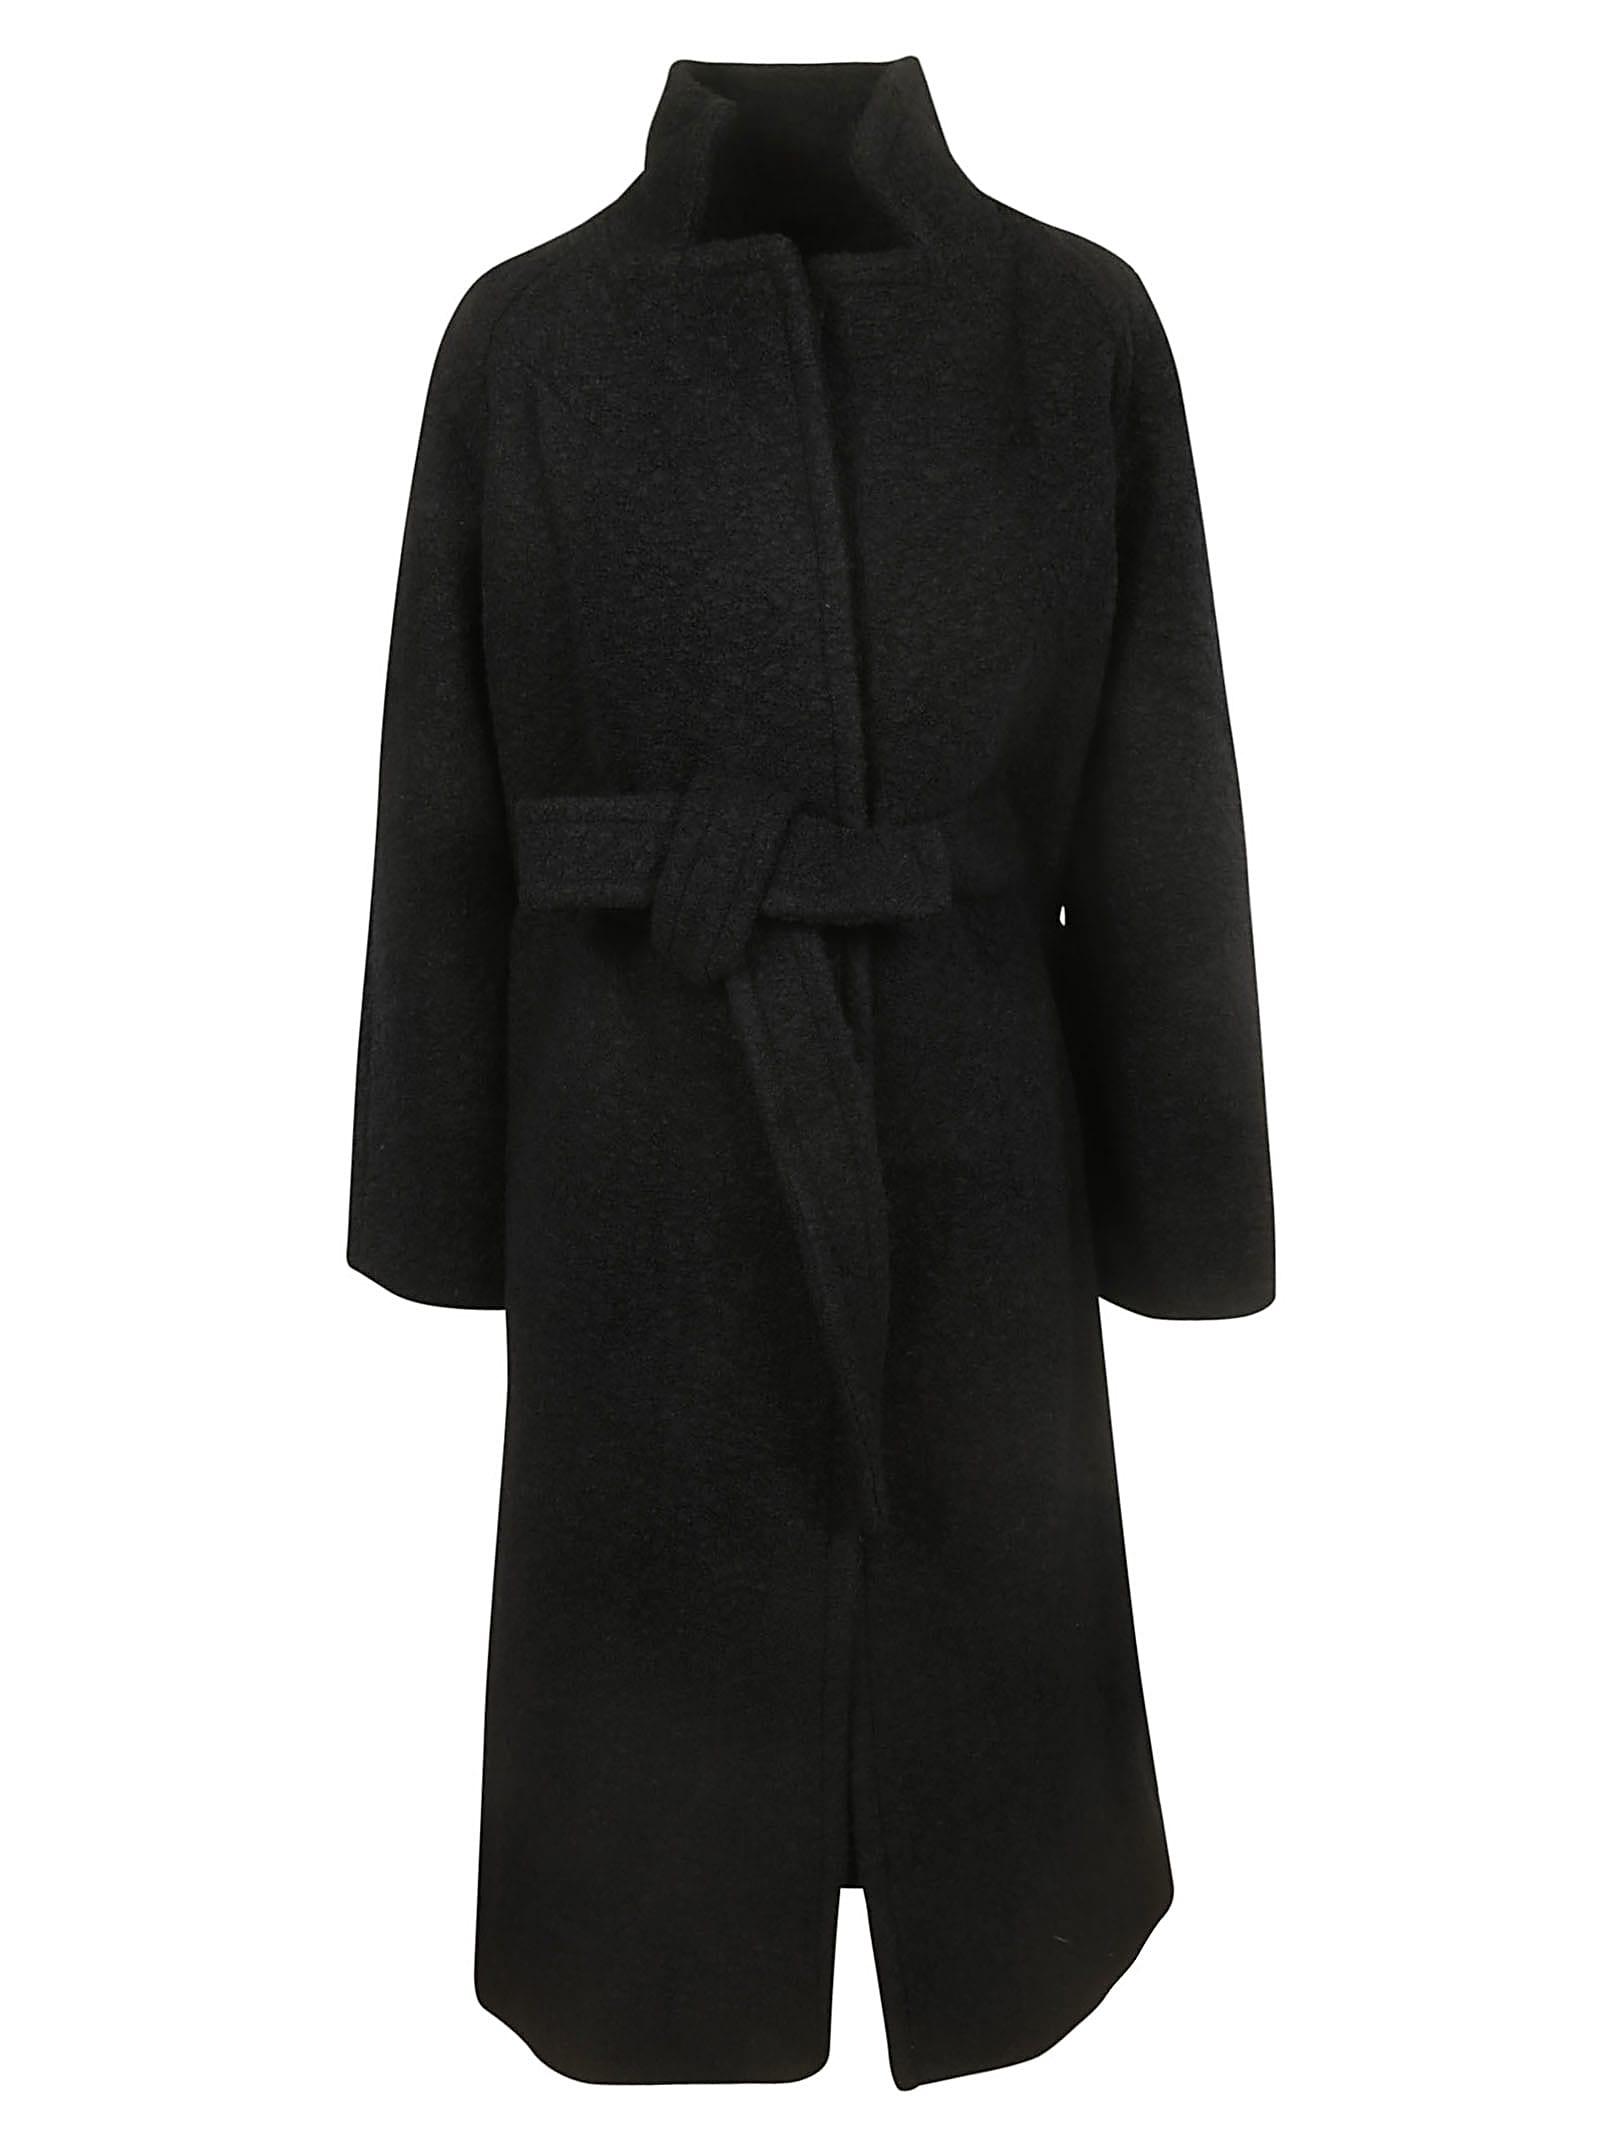 Ganni Oversized Coat